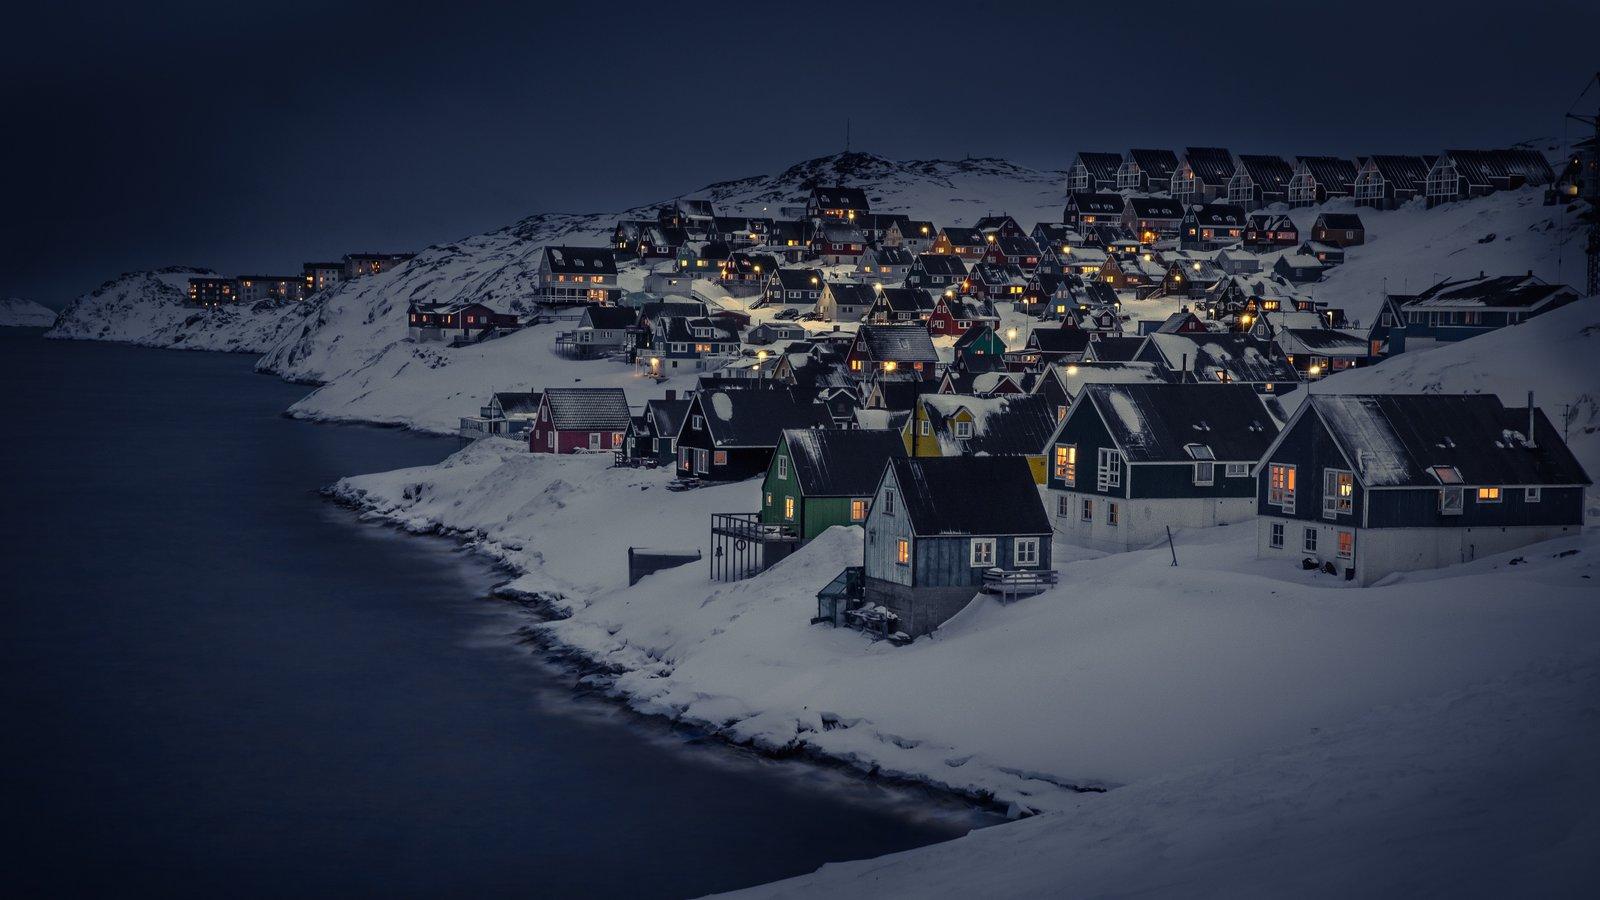 Nuuk mostrando una pequeña ciudad o pueblo, nieve y montañas